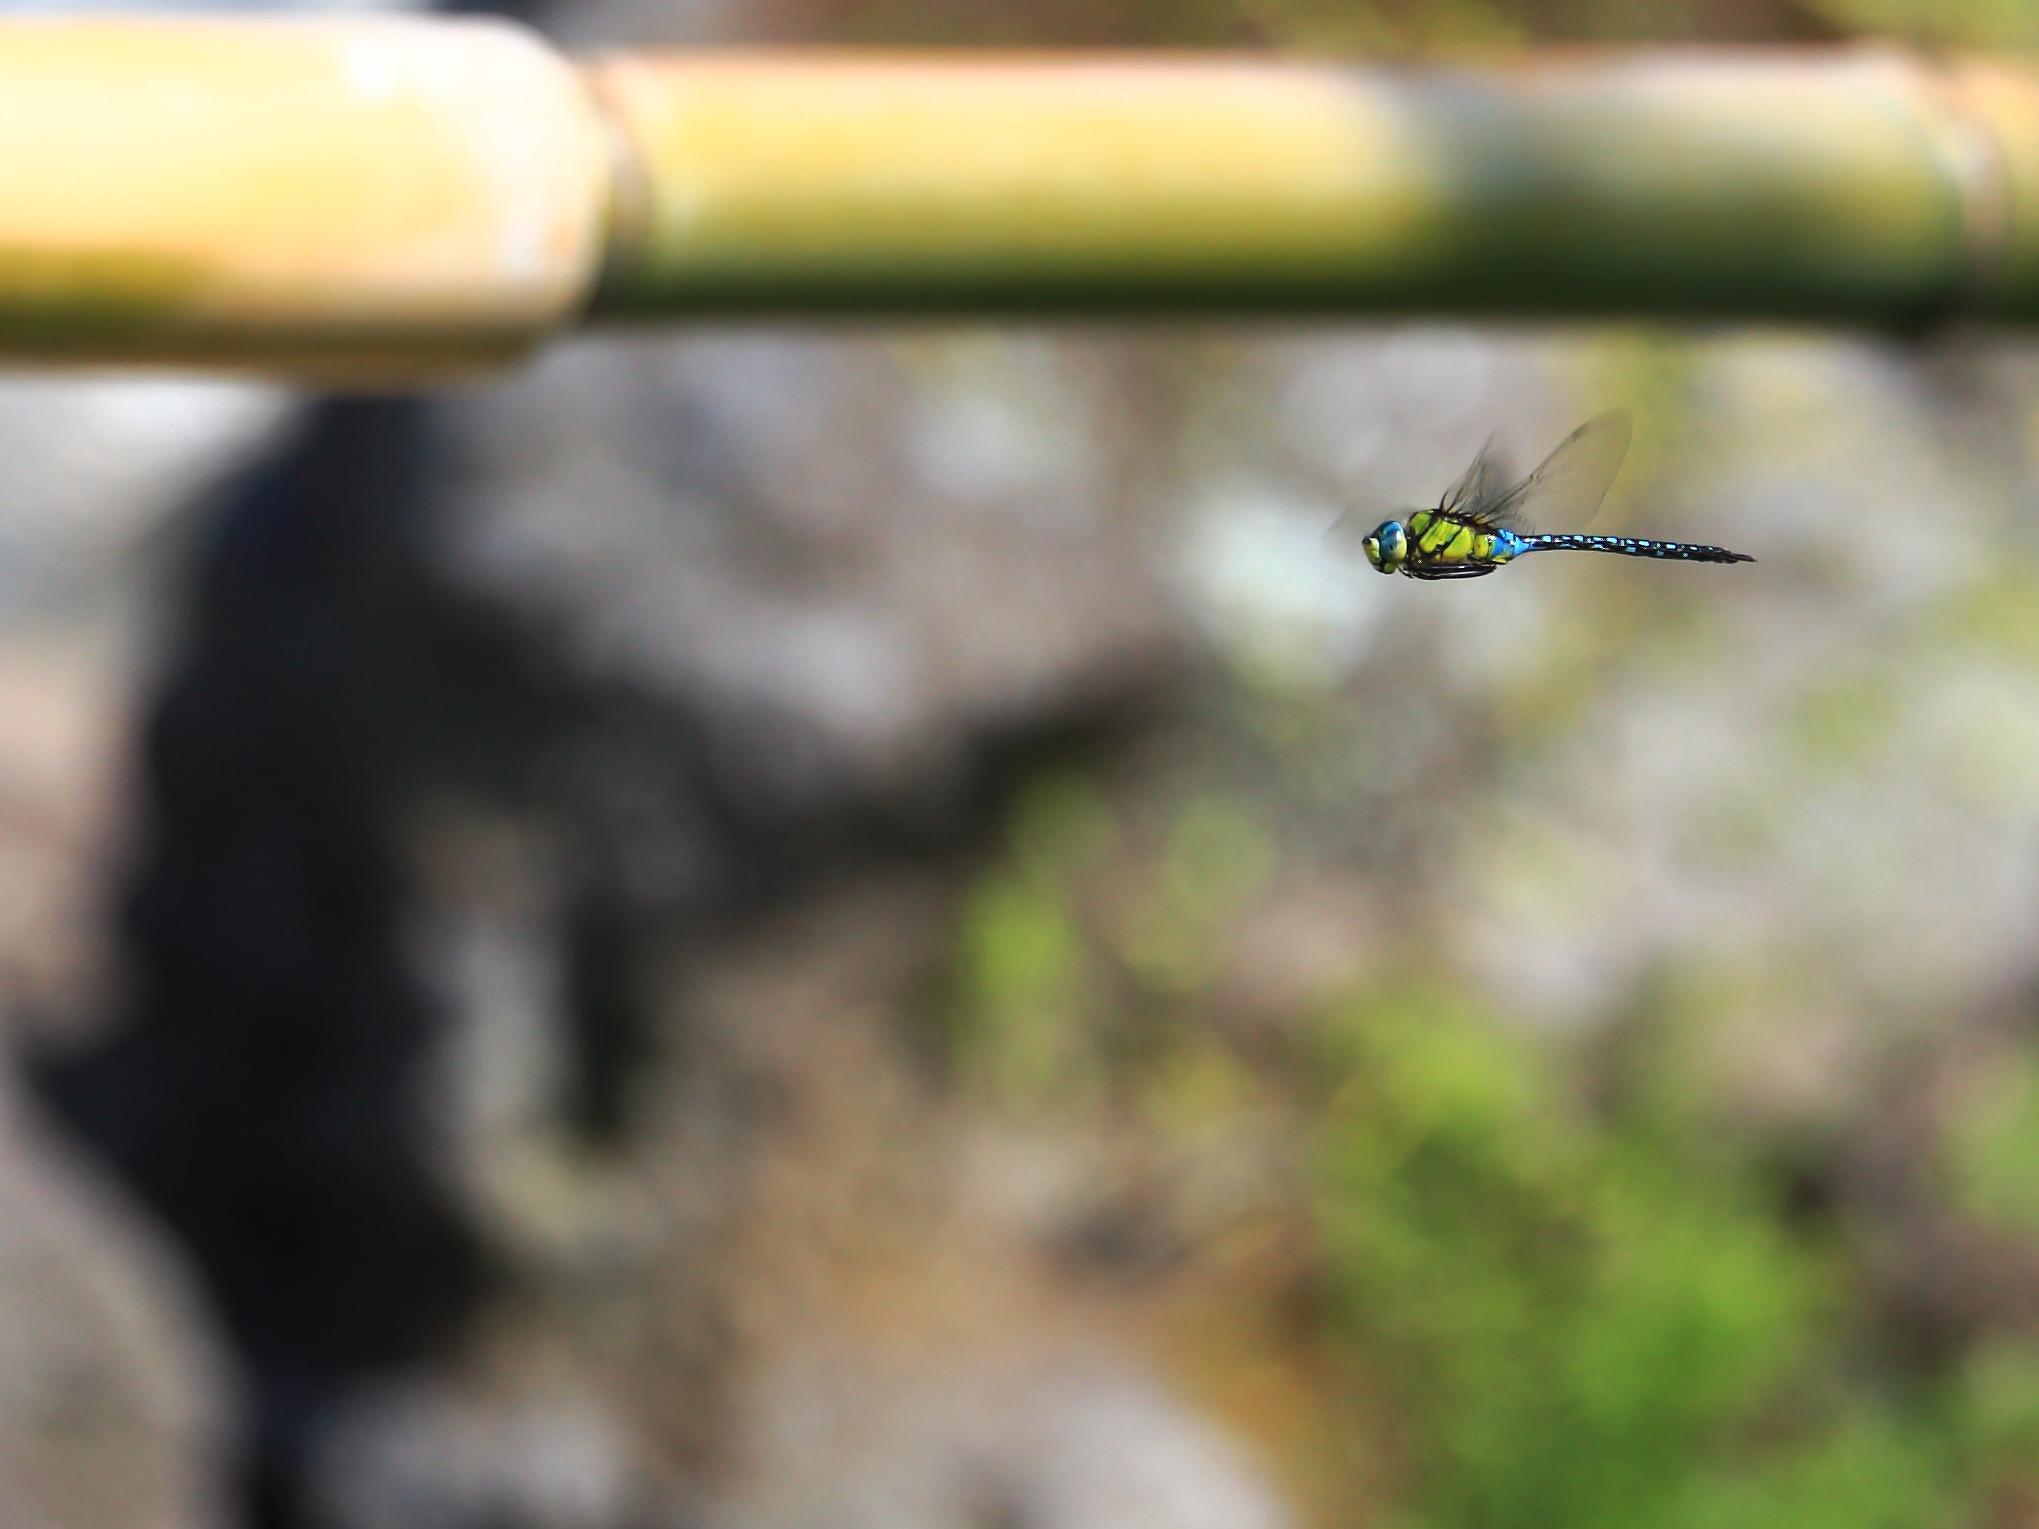 飛行中のクロスジギンヤンマ(垂水市)